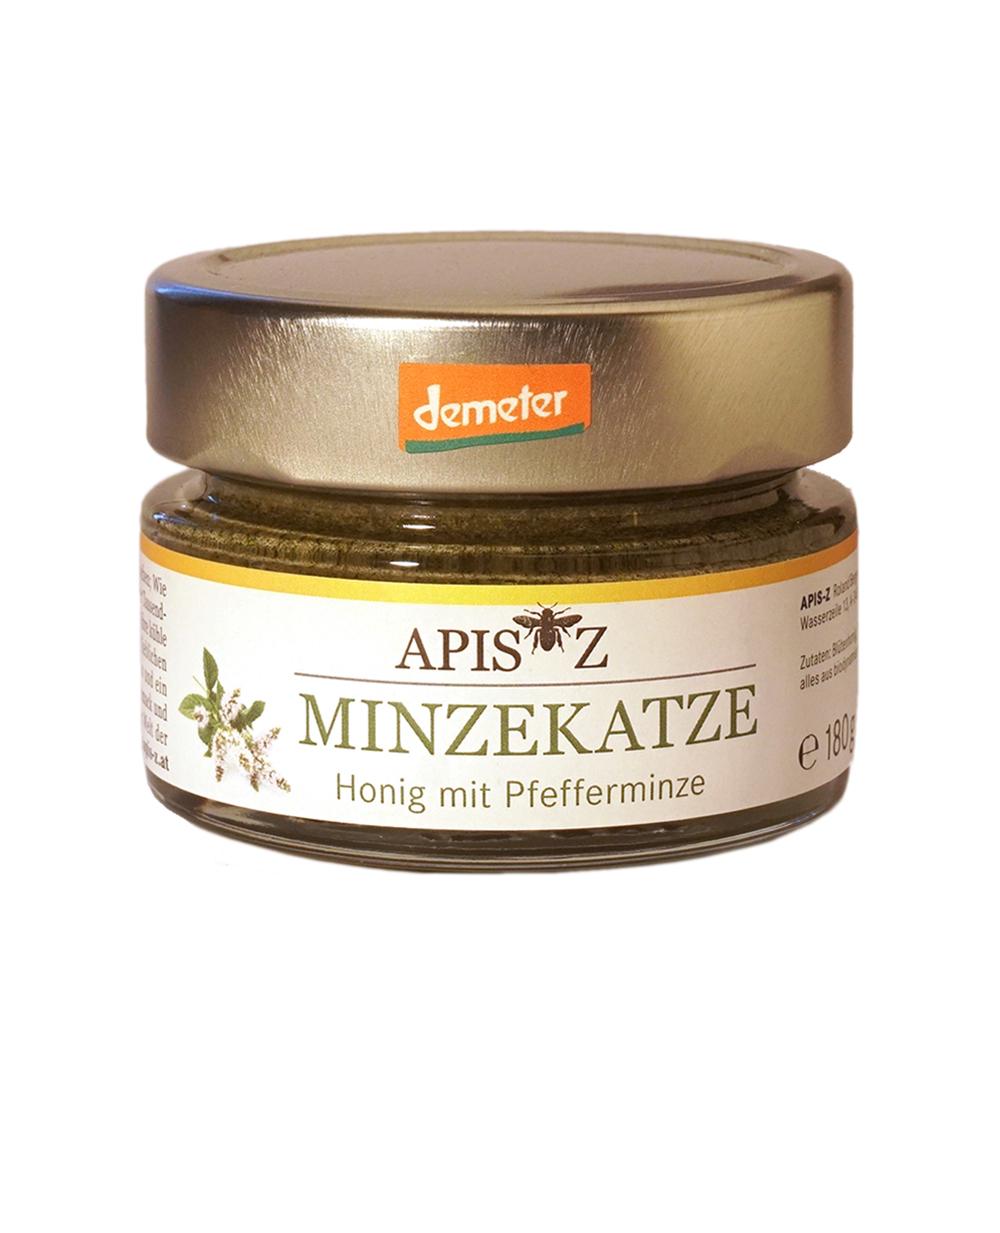 MINZEKATZE - Bio-Honig mit Pfefferminze